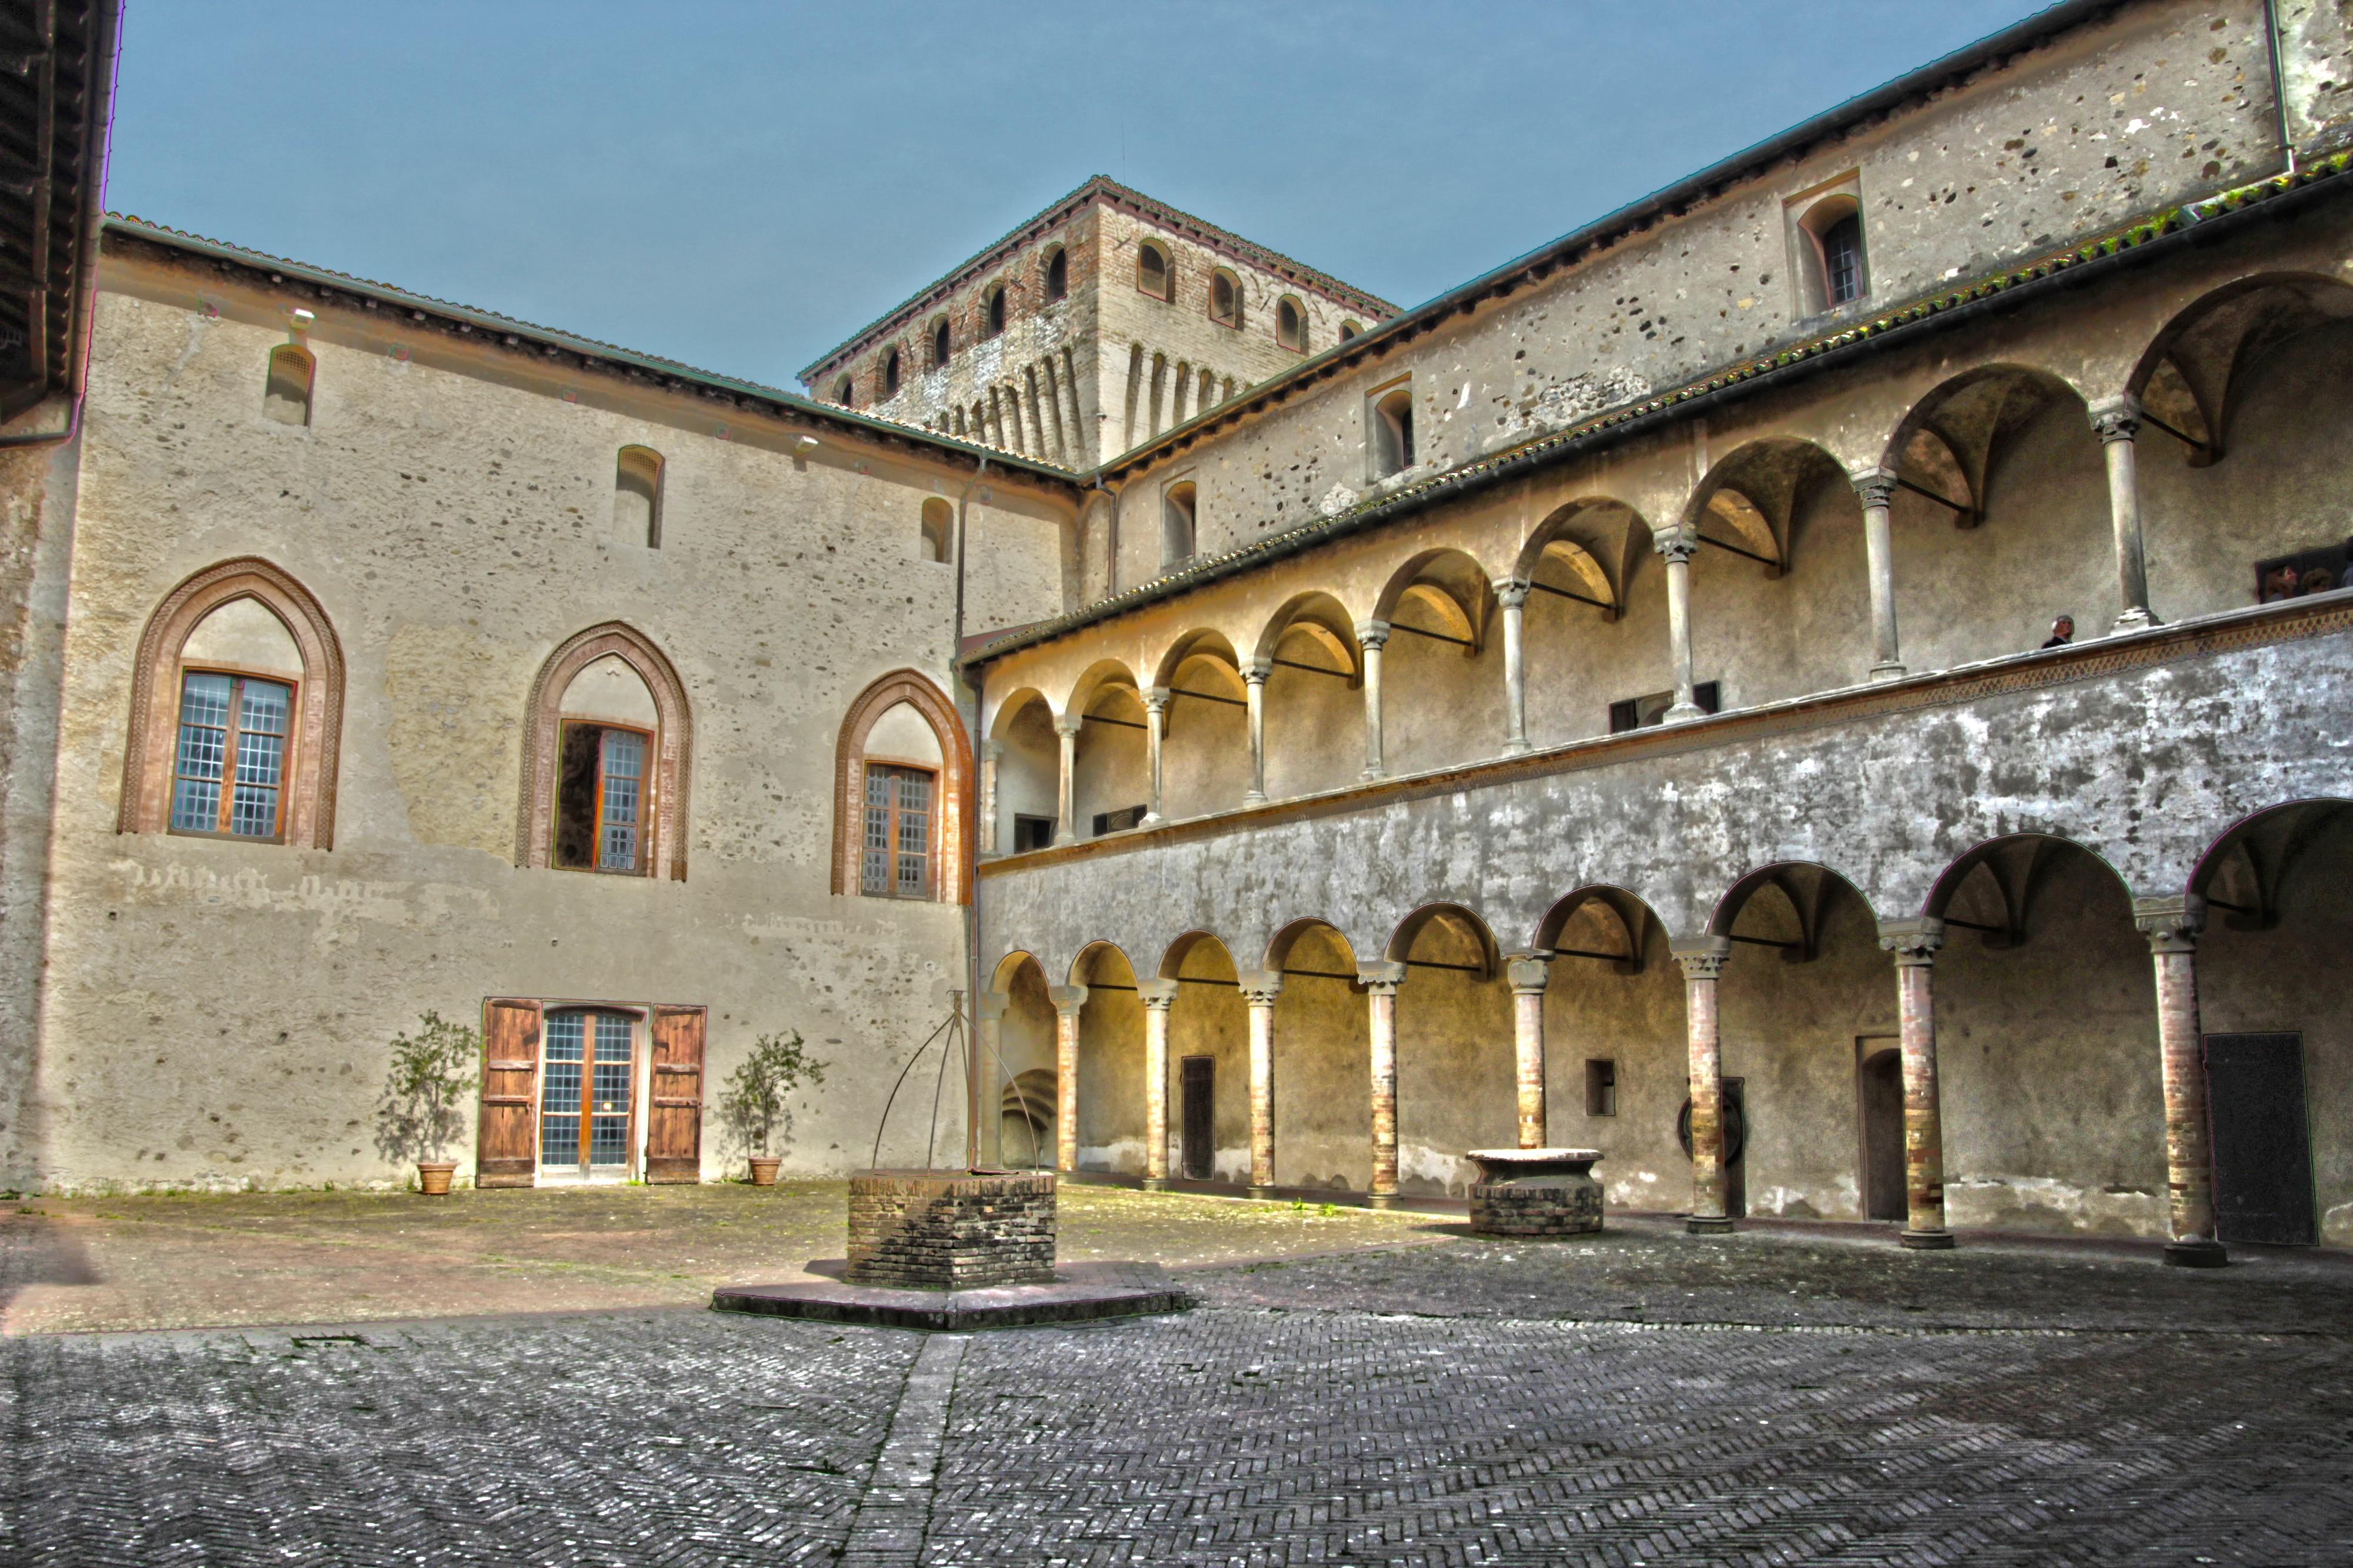 Castello di Torrechiara (Langhirano, Parma) - Cortile interno